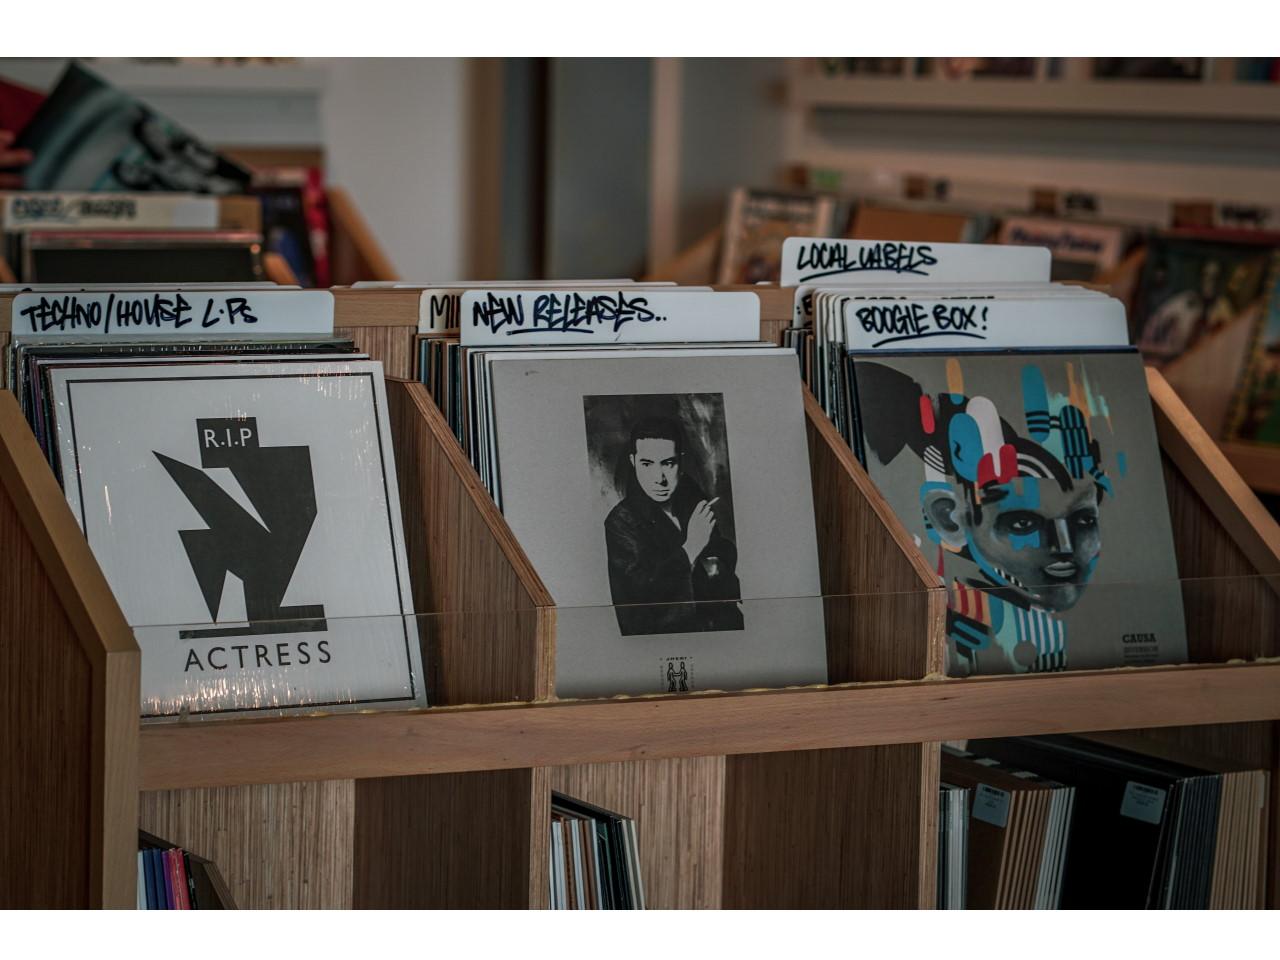 Fiverr.com album cover designers